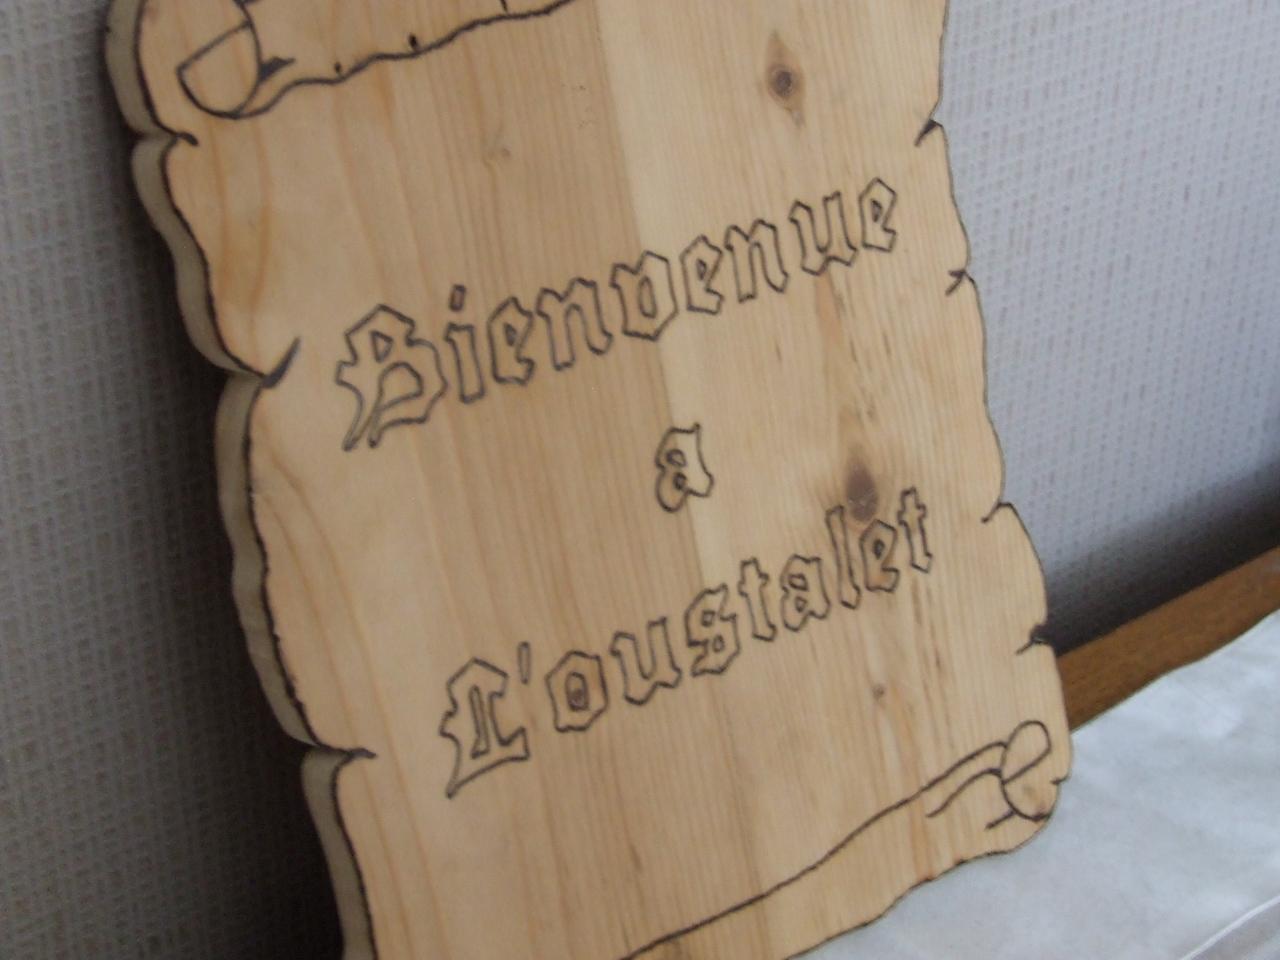 Pr nom en bois pour accrocher la